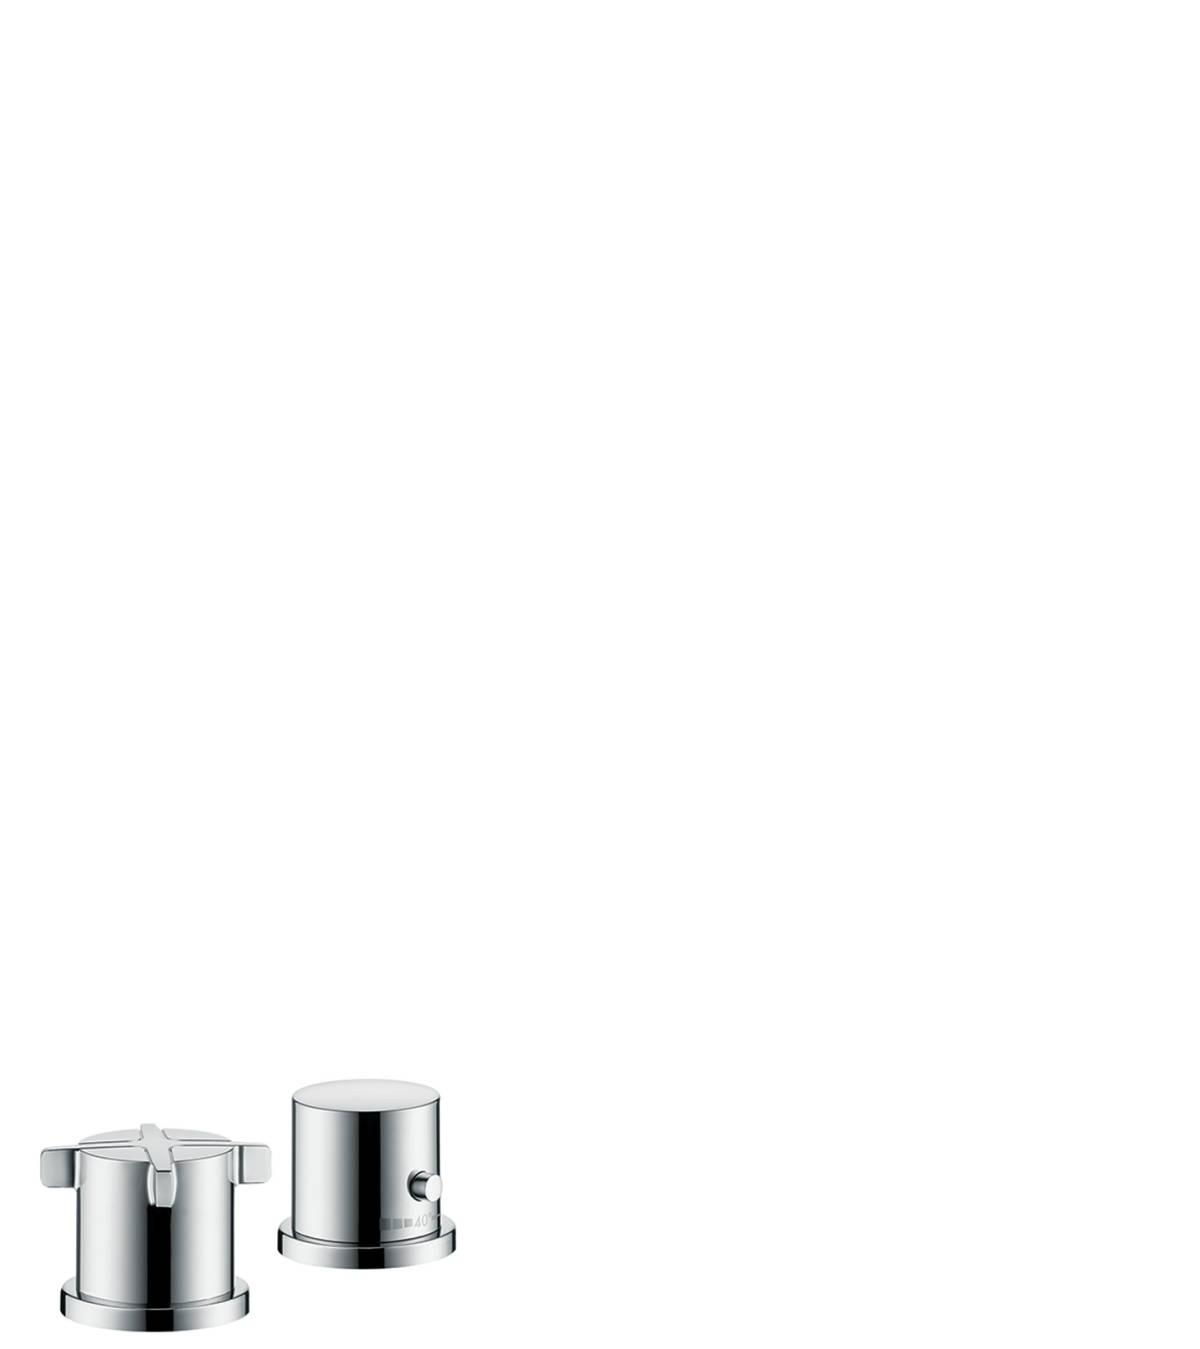 axor citterio e wannenarmaturen 2 verbraucher chrom 36412000. Black Bedroom Furniture Sets. Home Design Ideas